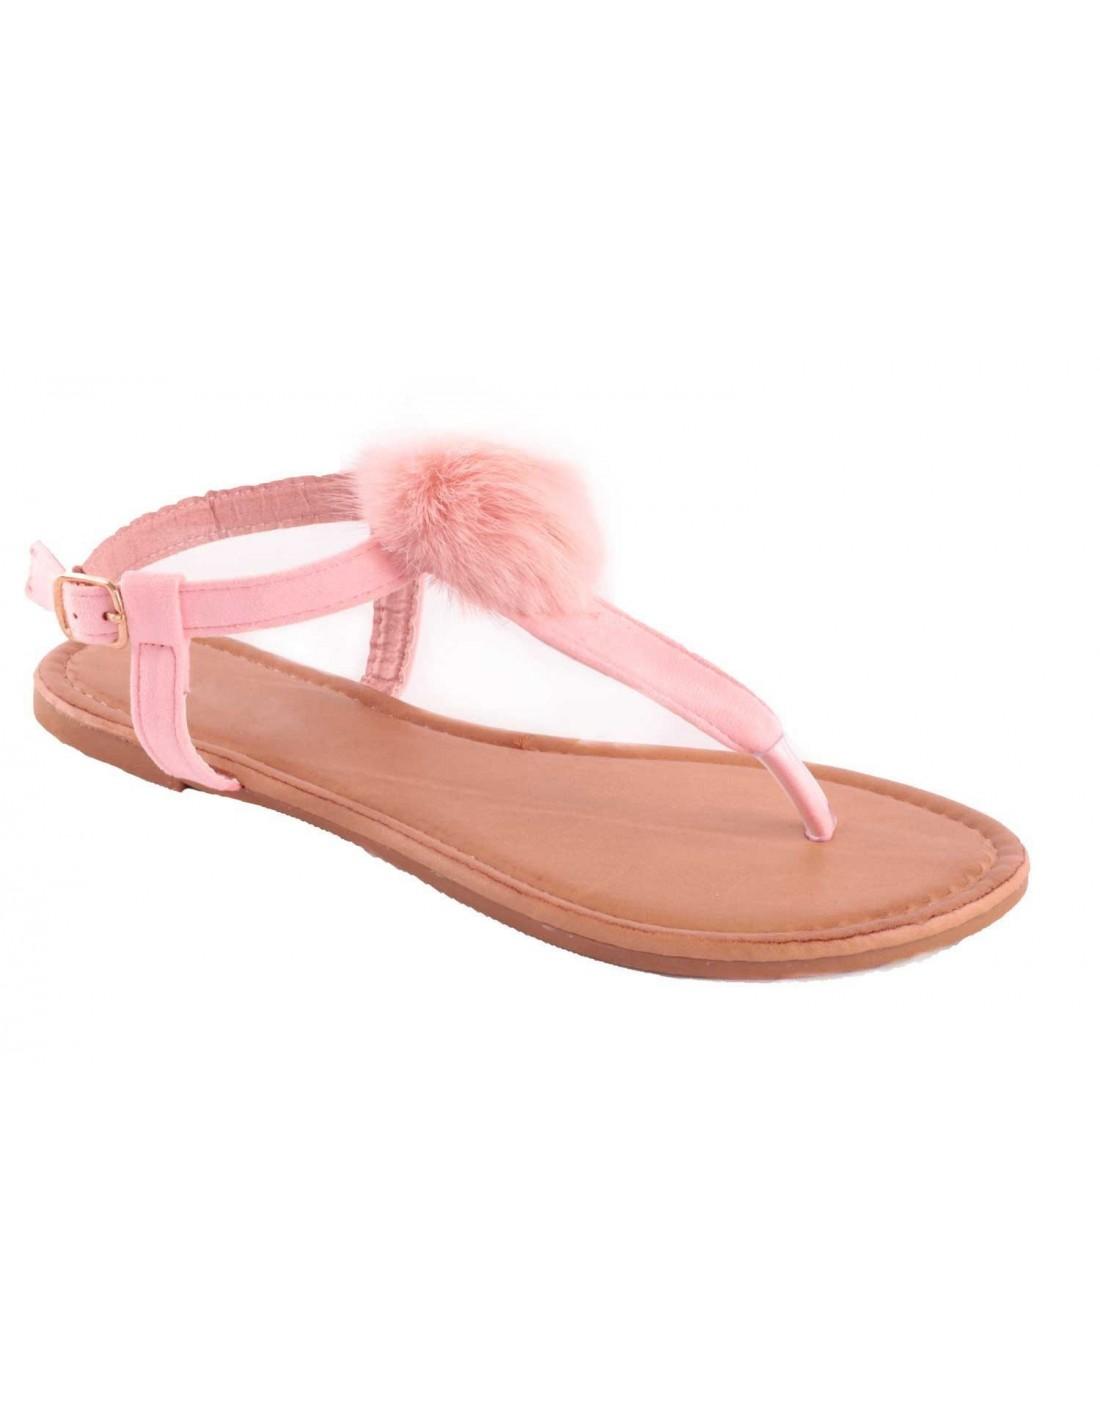 sandales femme rose avec pompon fourrure syth tique rose sandale plage. Black Bedroom Furniture Sets. Home Design Ideas